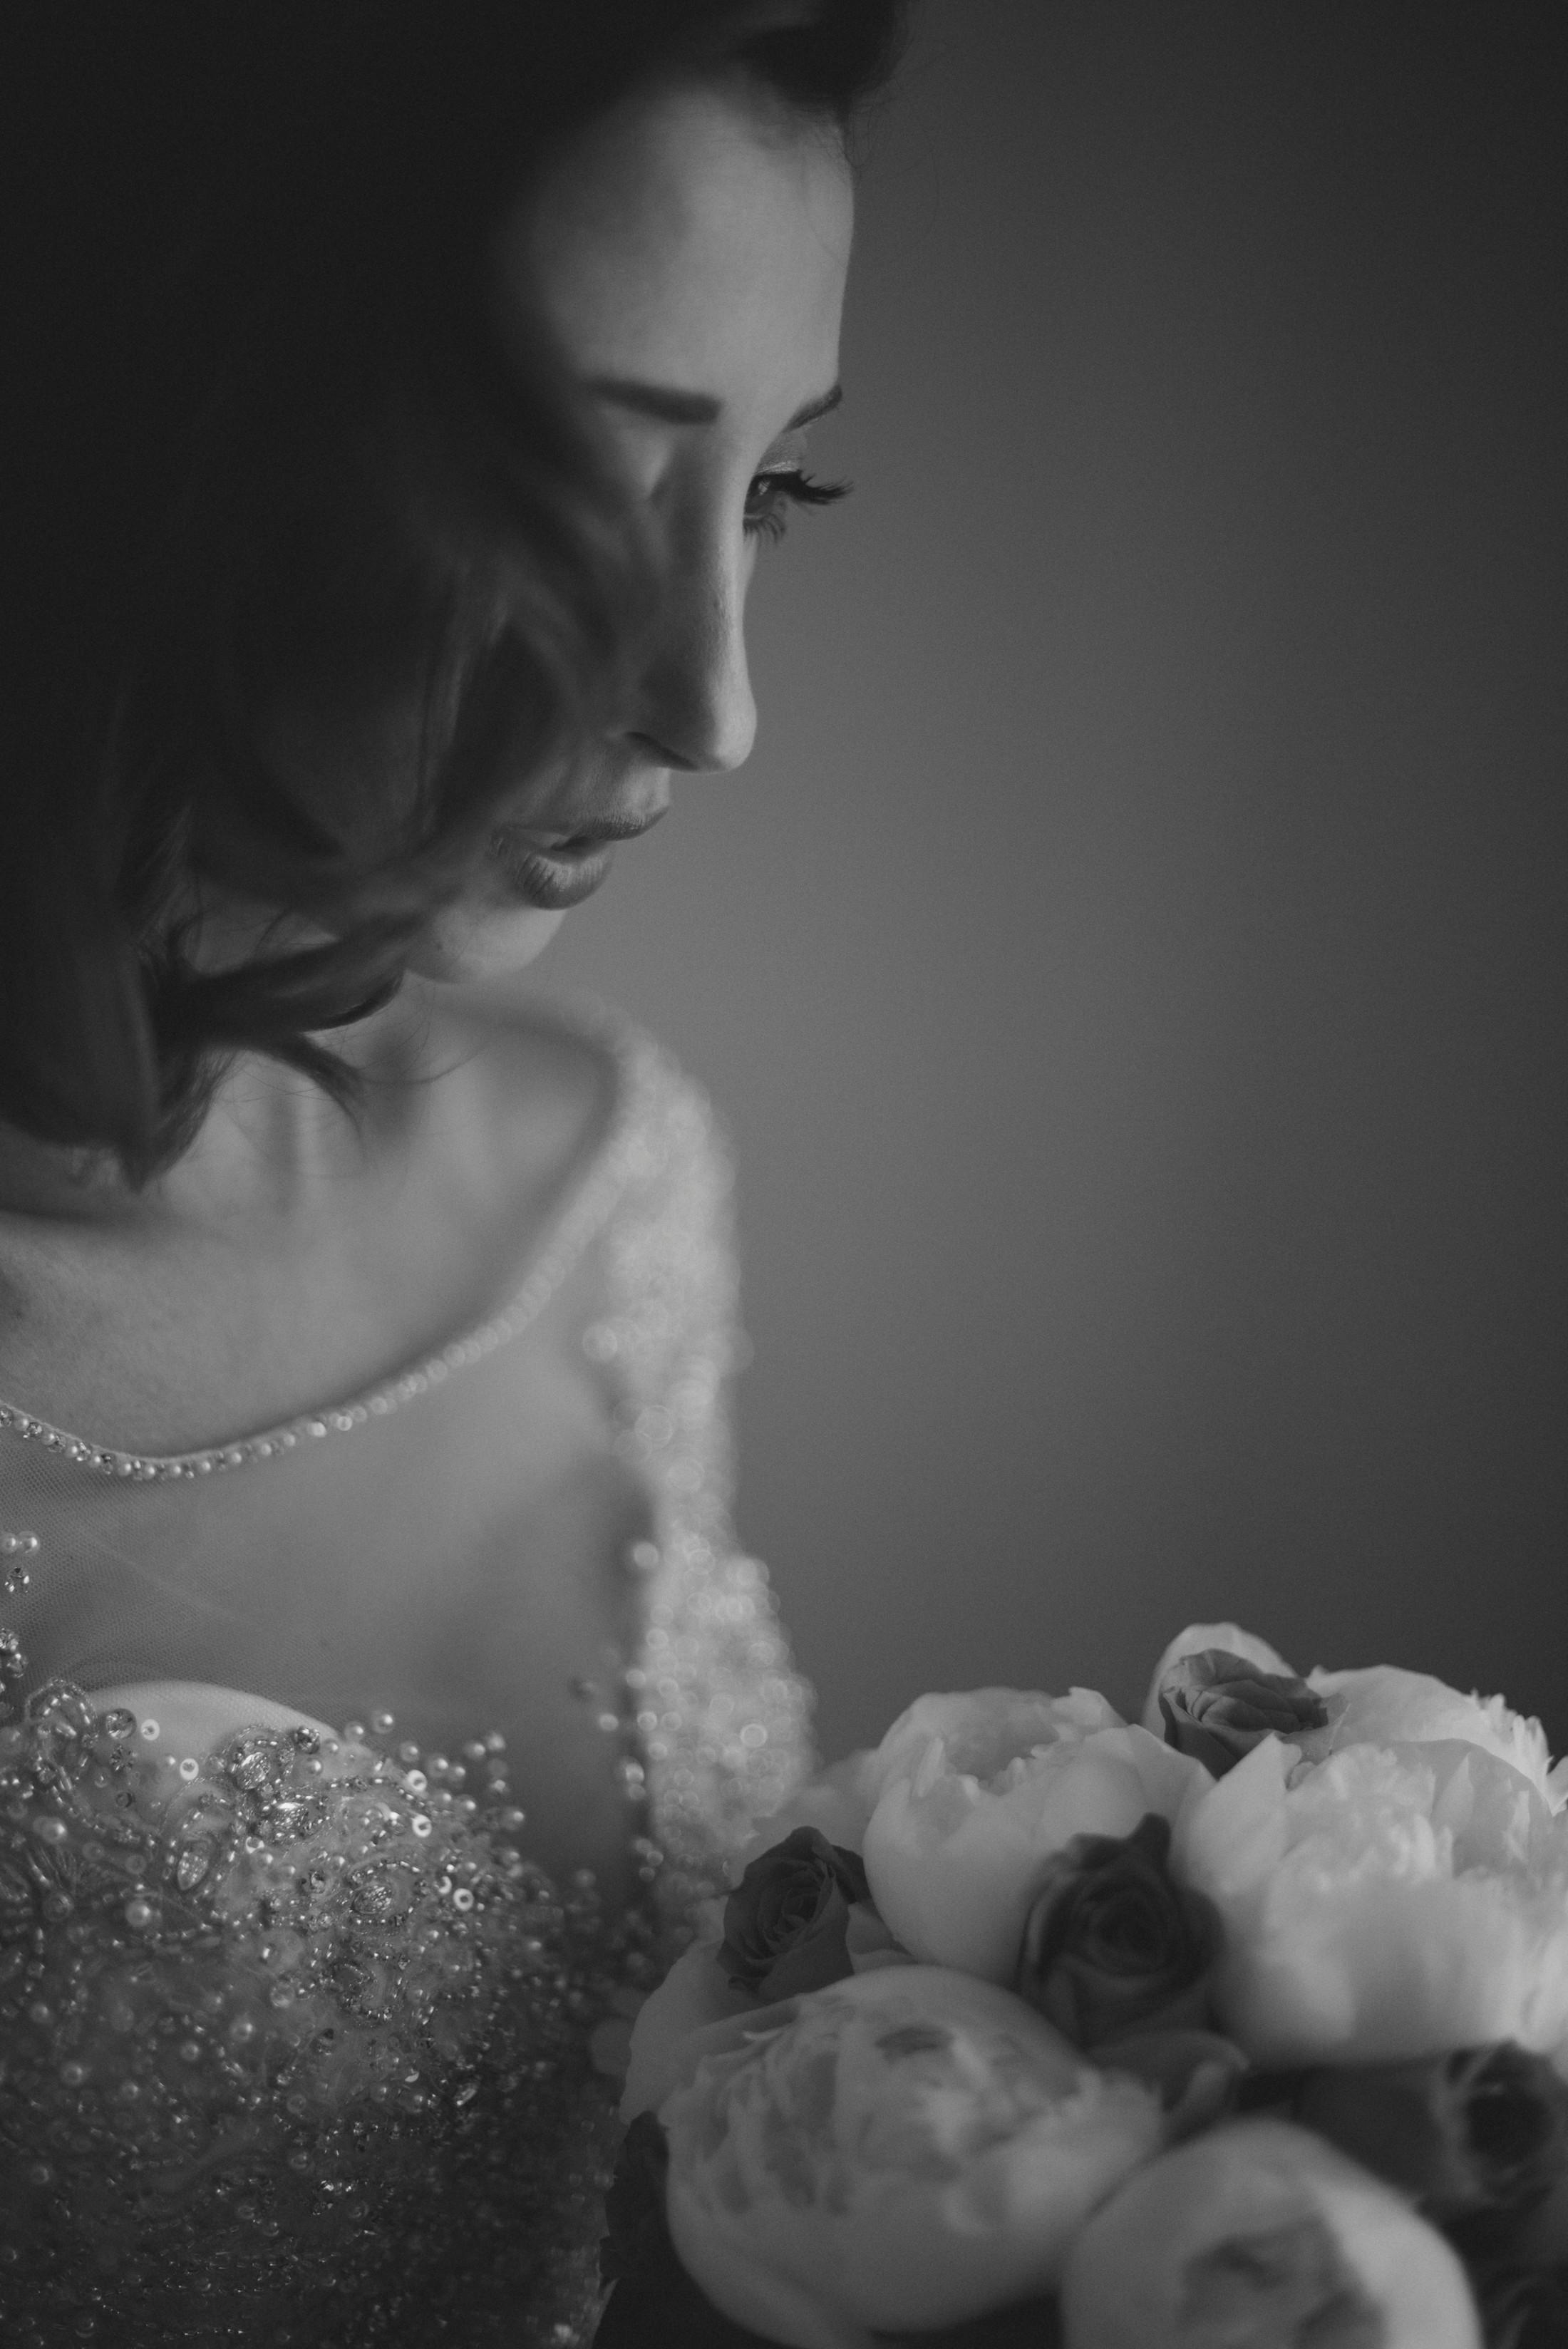 adriana alfano bride's portrait in black and white